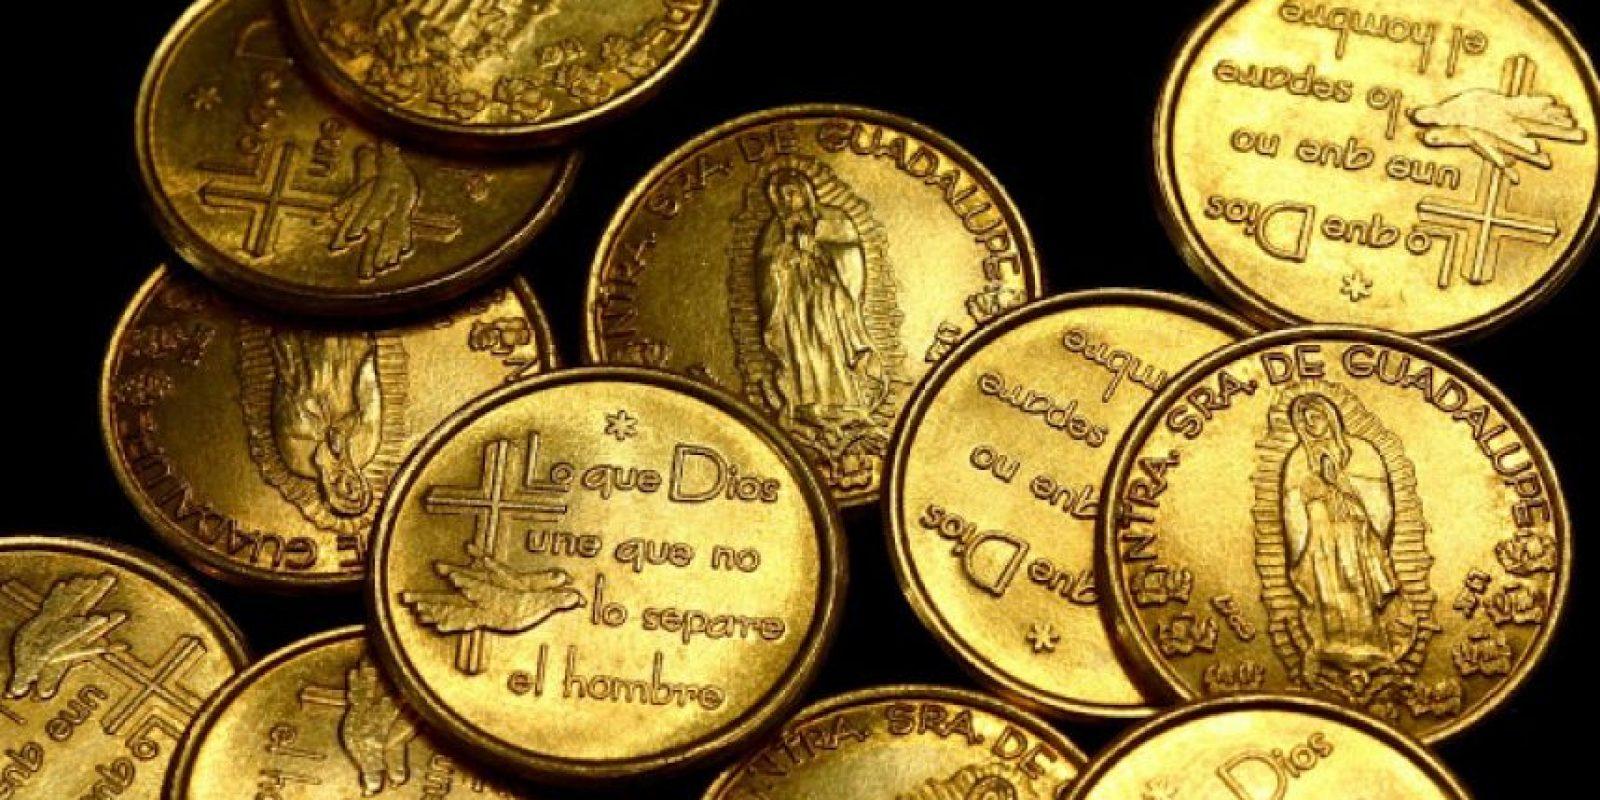 Esperan entregar 100 mil monedas este 1 de enero. Foto:Publinews